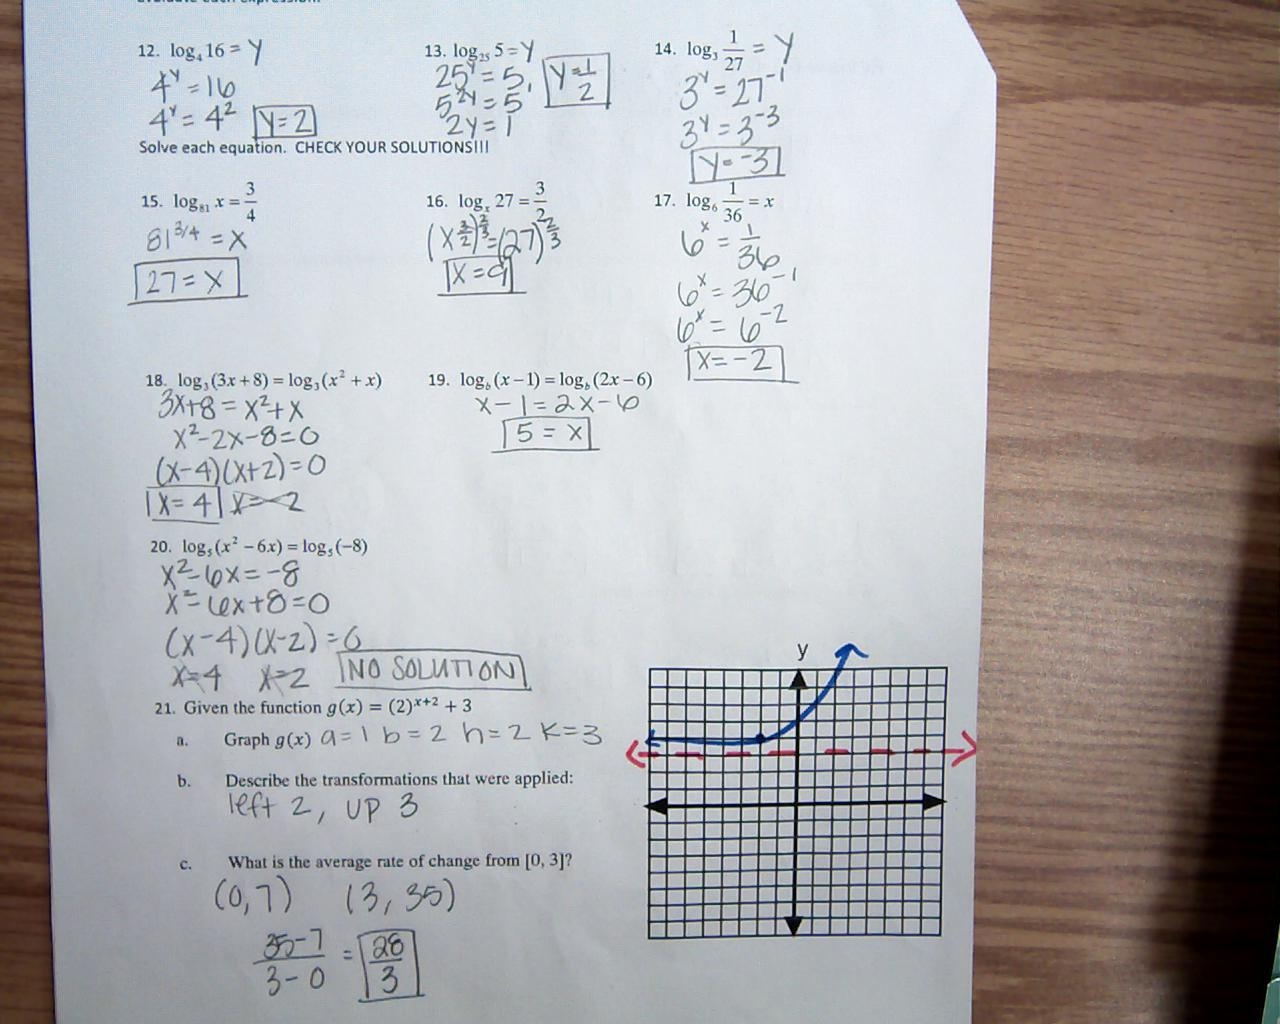 Algebra 2 Worksheet Answers 6 2 - mrscabral algebra 2 ...